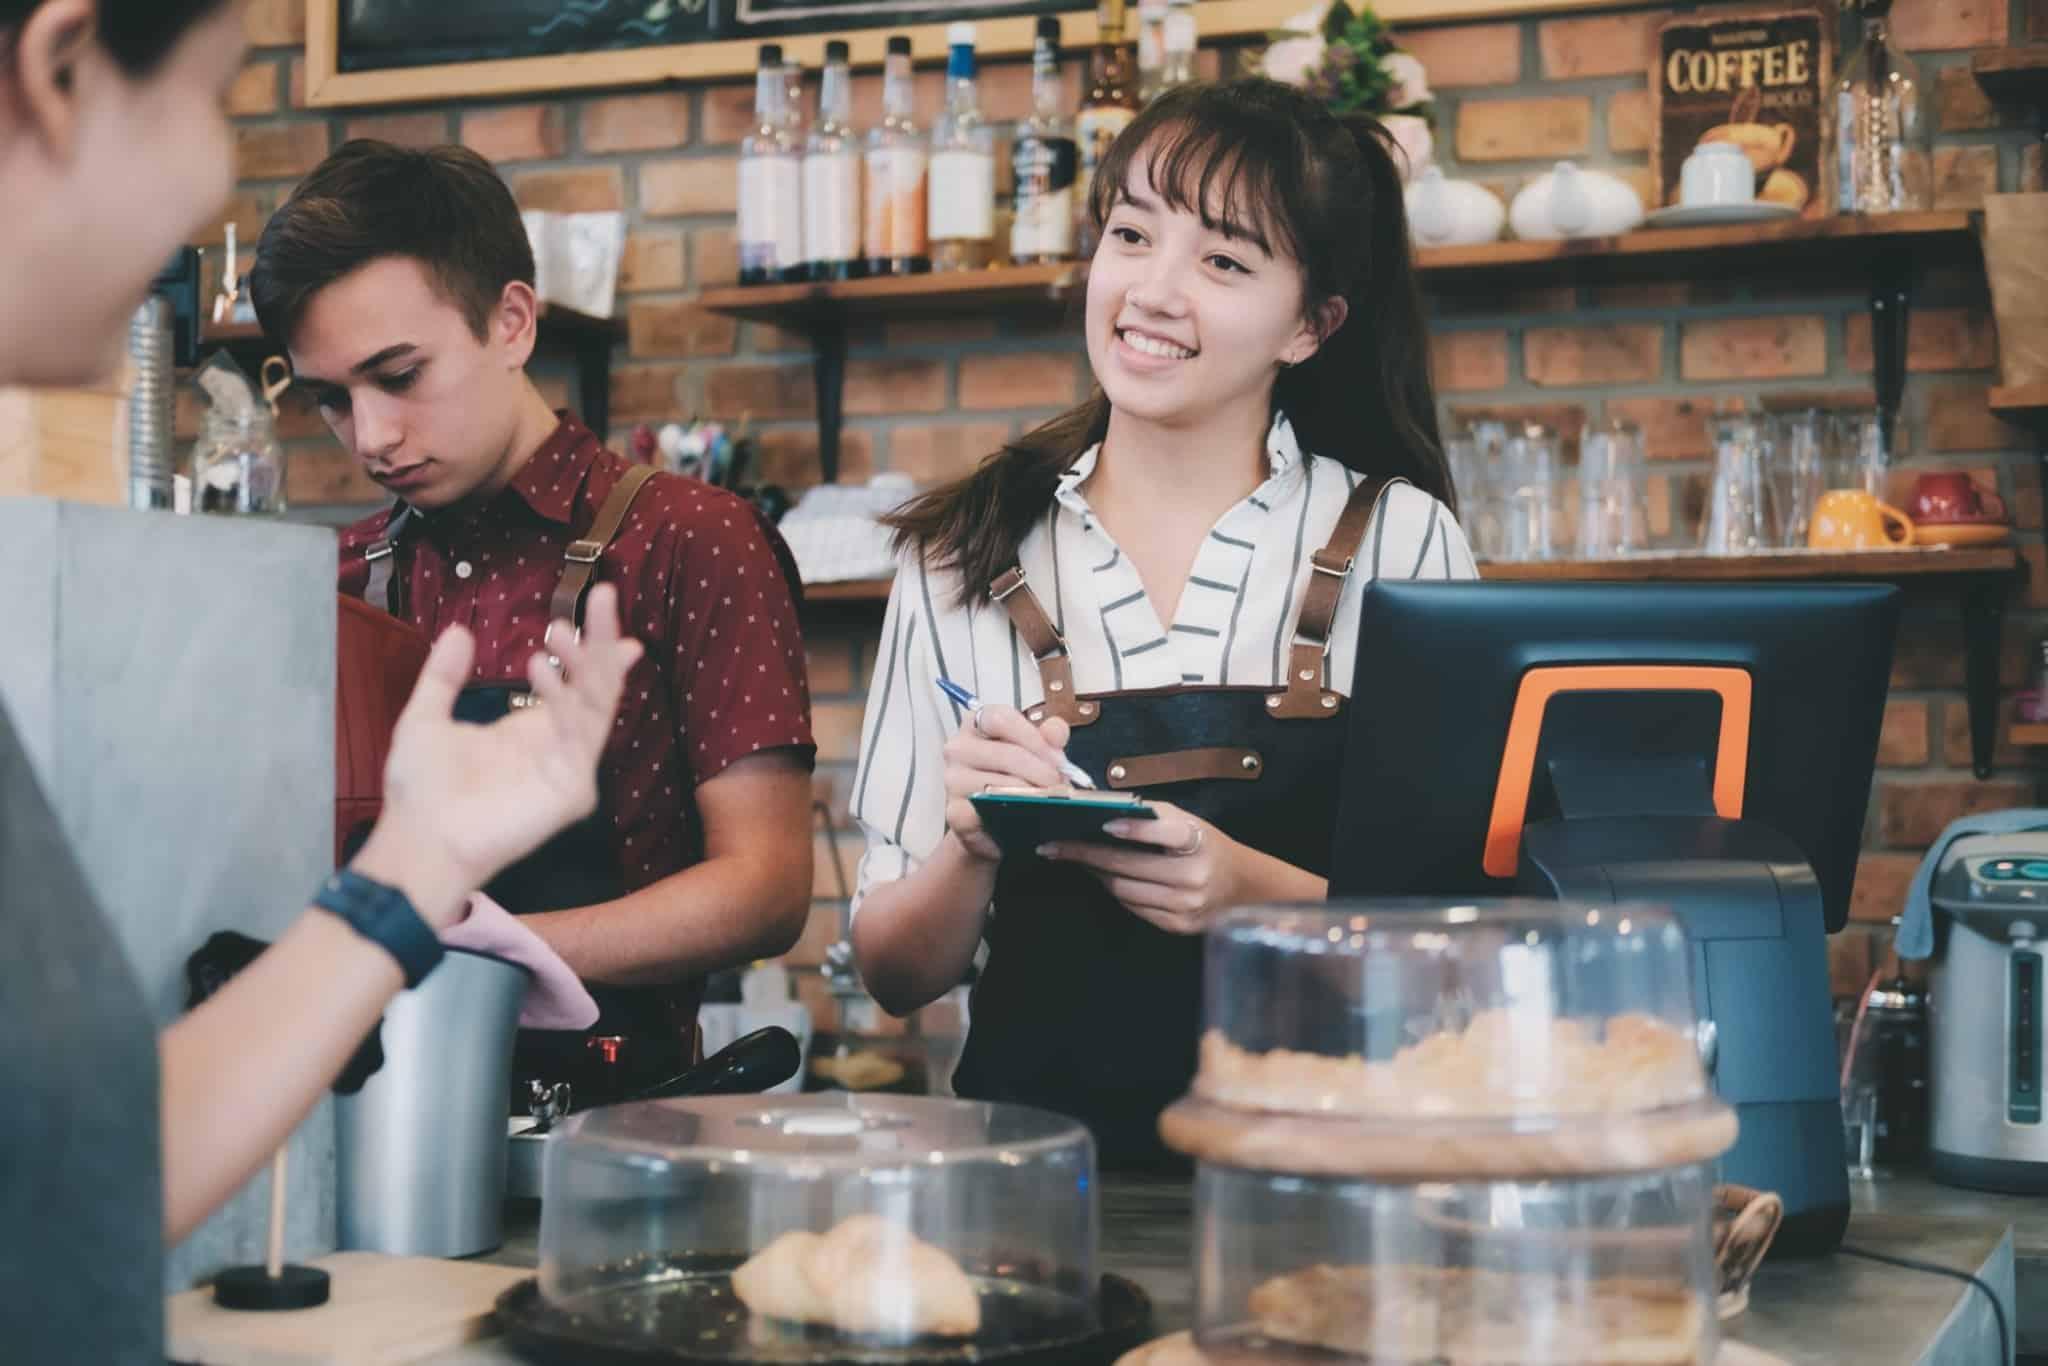 jovens a trabalhar como baristas num café